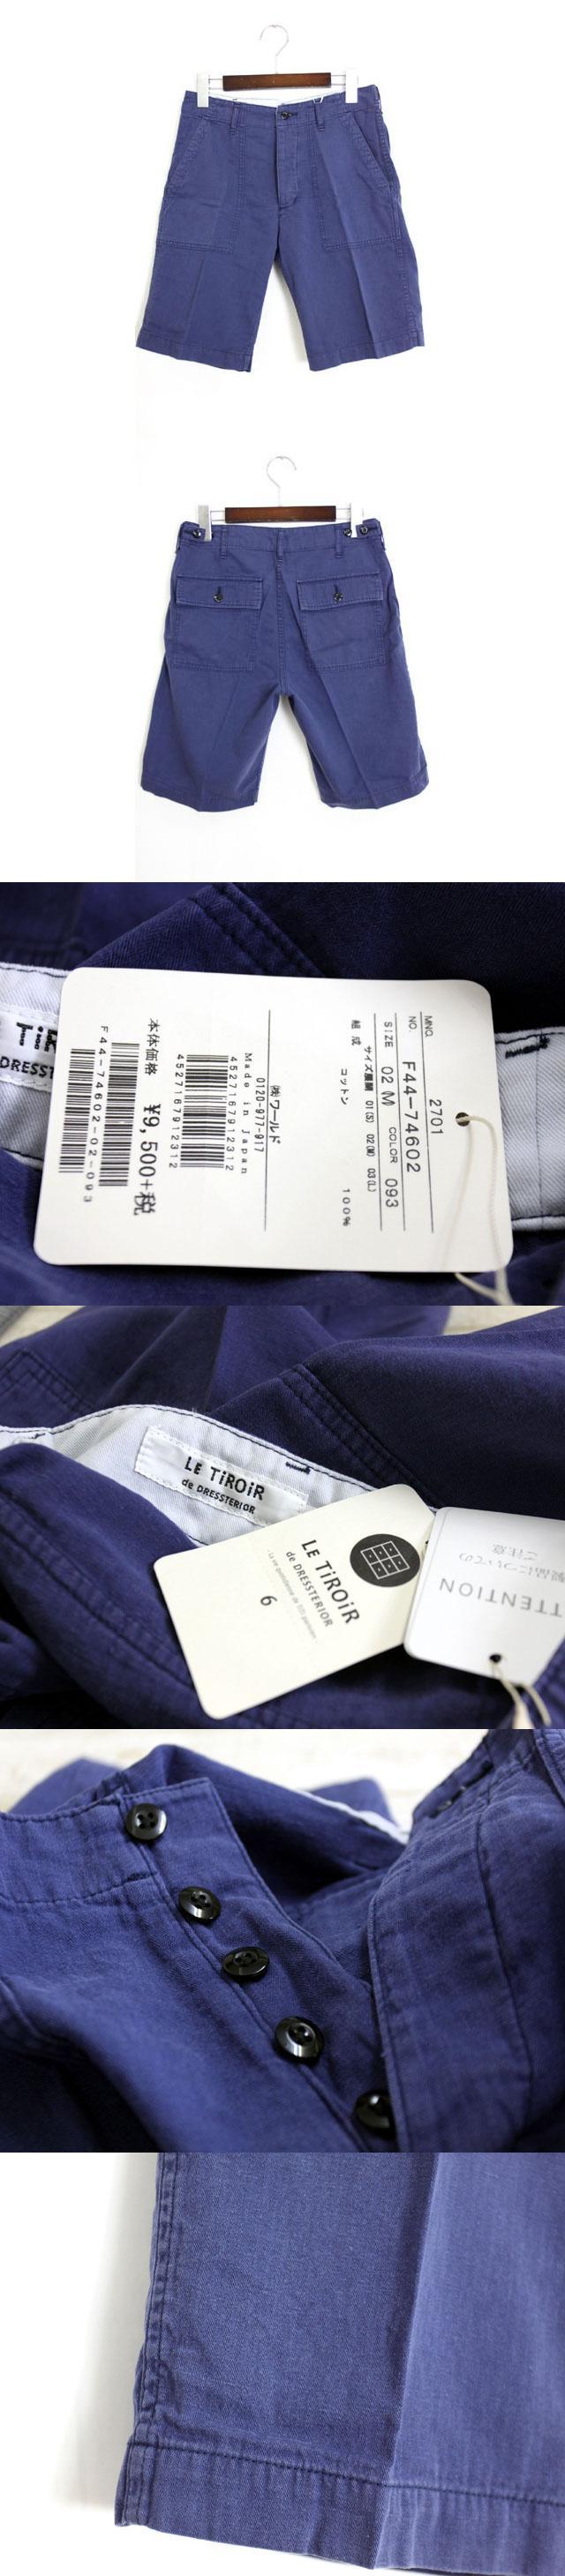 未使用 タグ付 LE TiROiR ショートパンツ パンツ ヘリンボン コットン 綿 ハーフ丈 M ネイビー 青 /Hn513